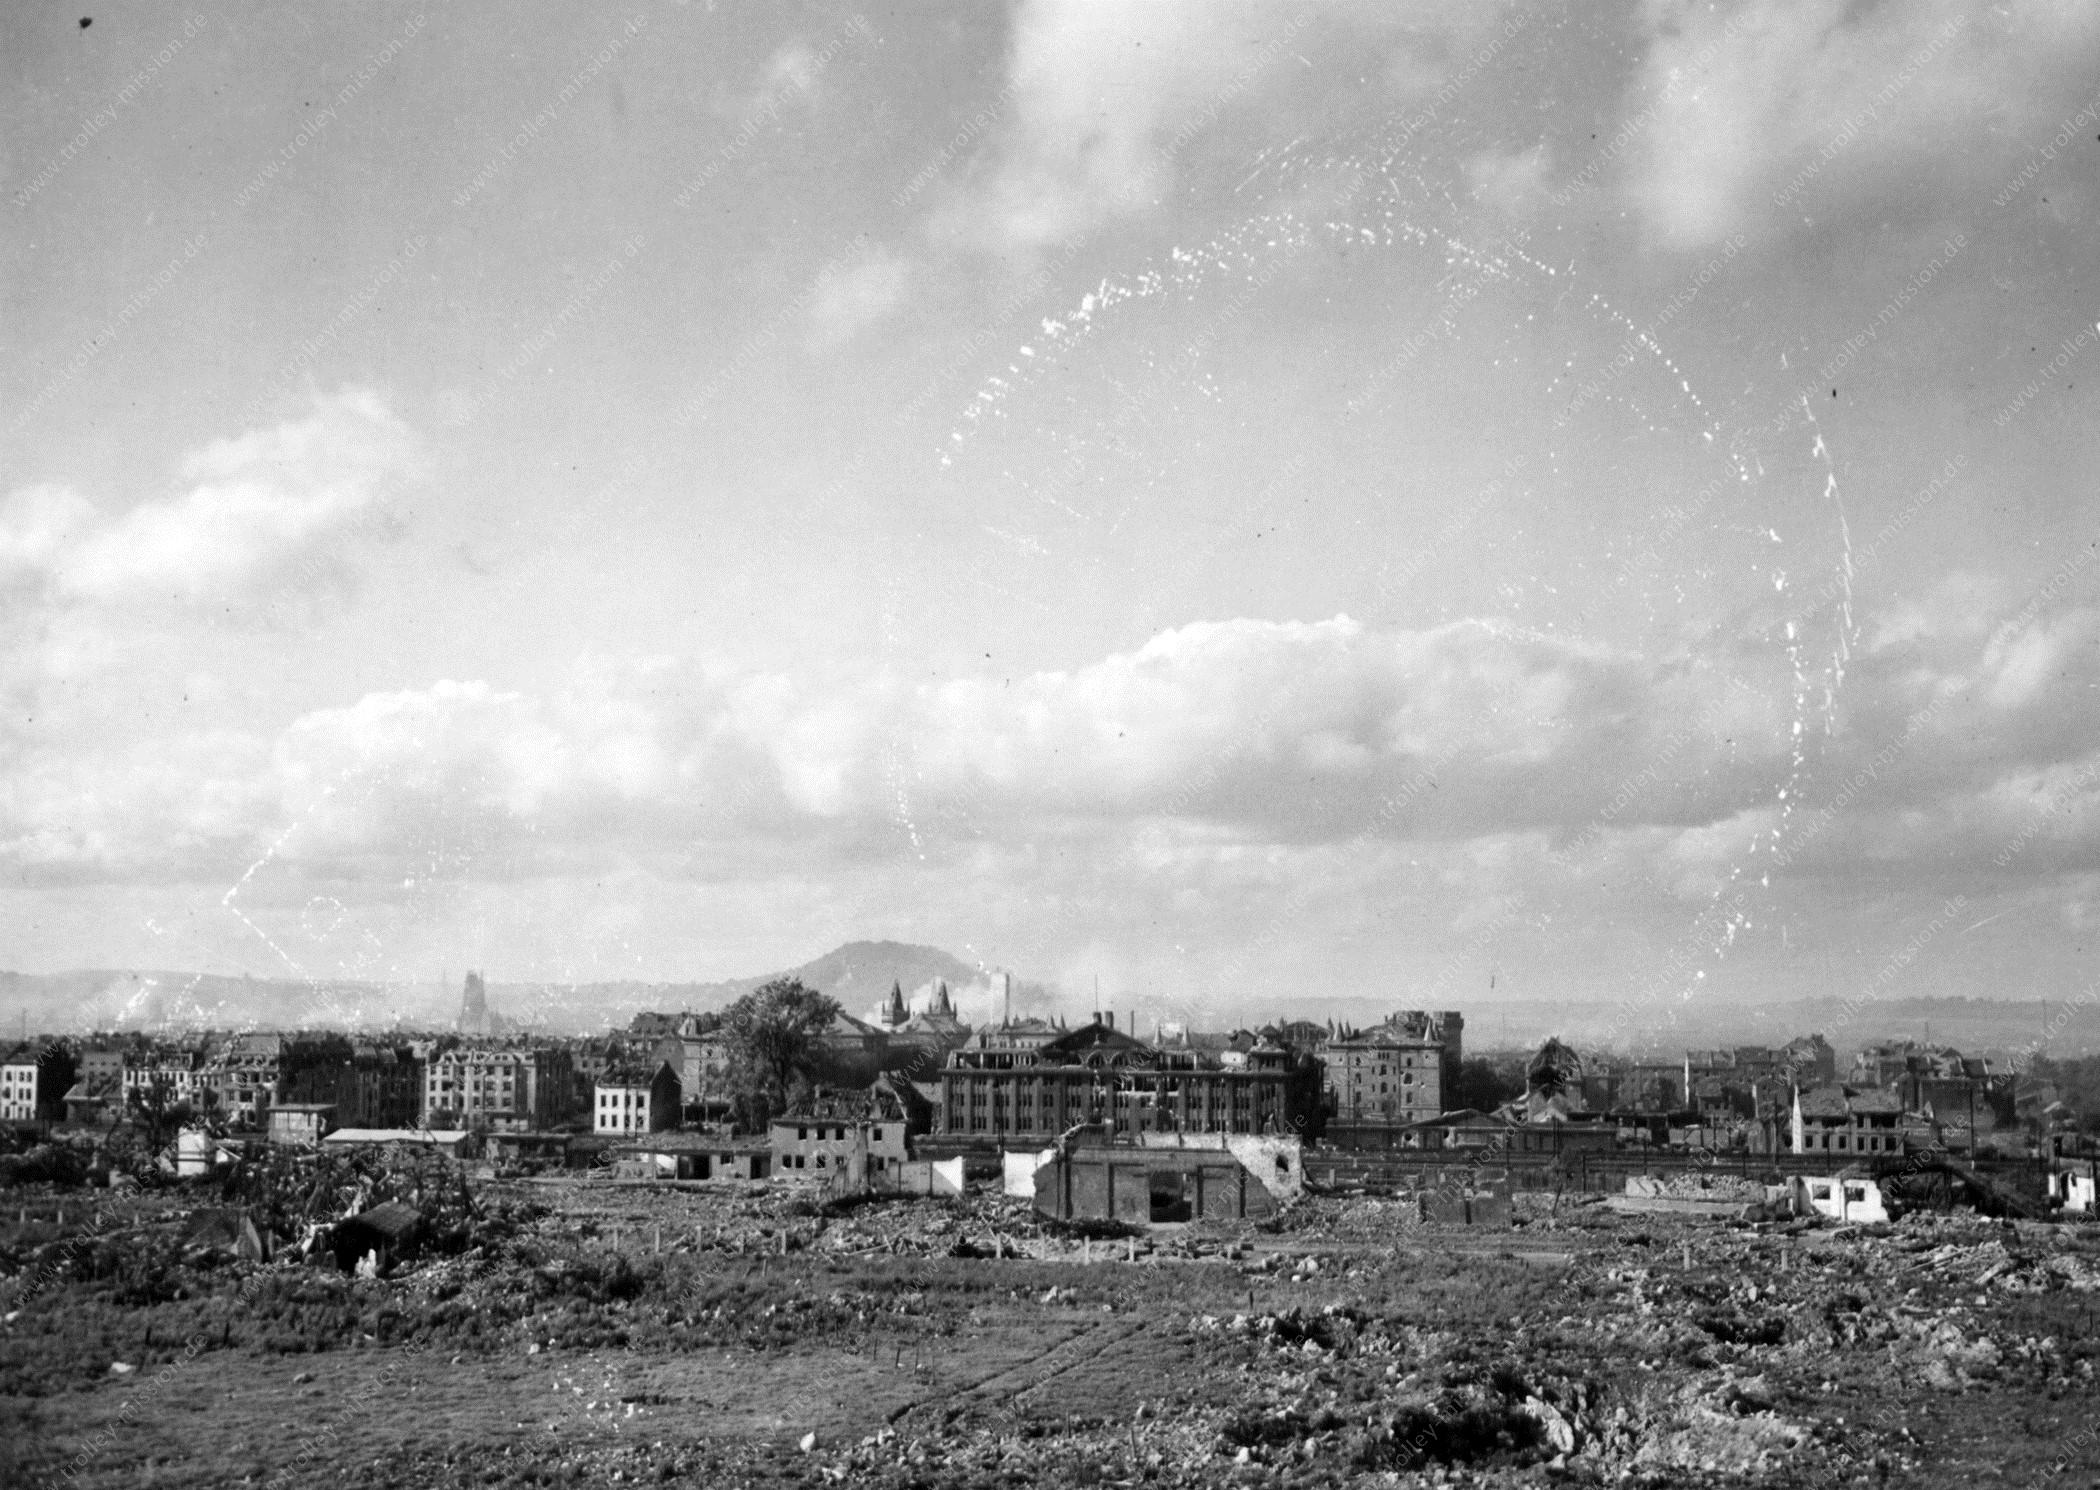 Aachen - Unbekannte Straßen und Gebäude nach dem Zweiten Weltkrieg (USASC-39)